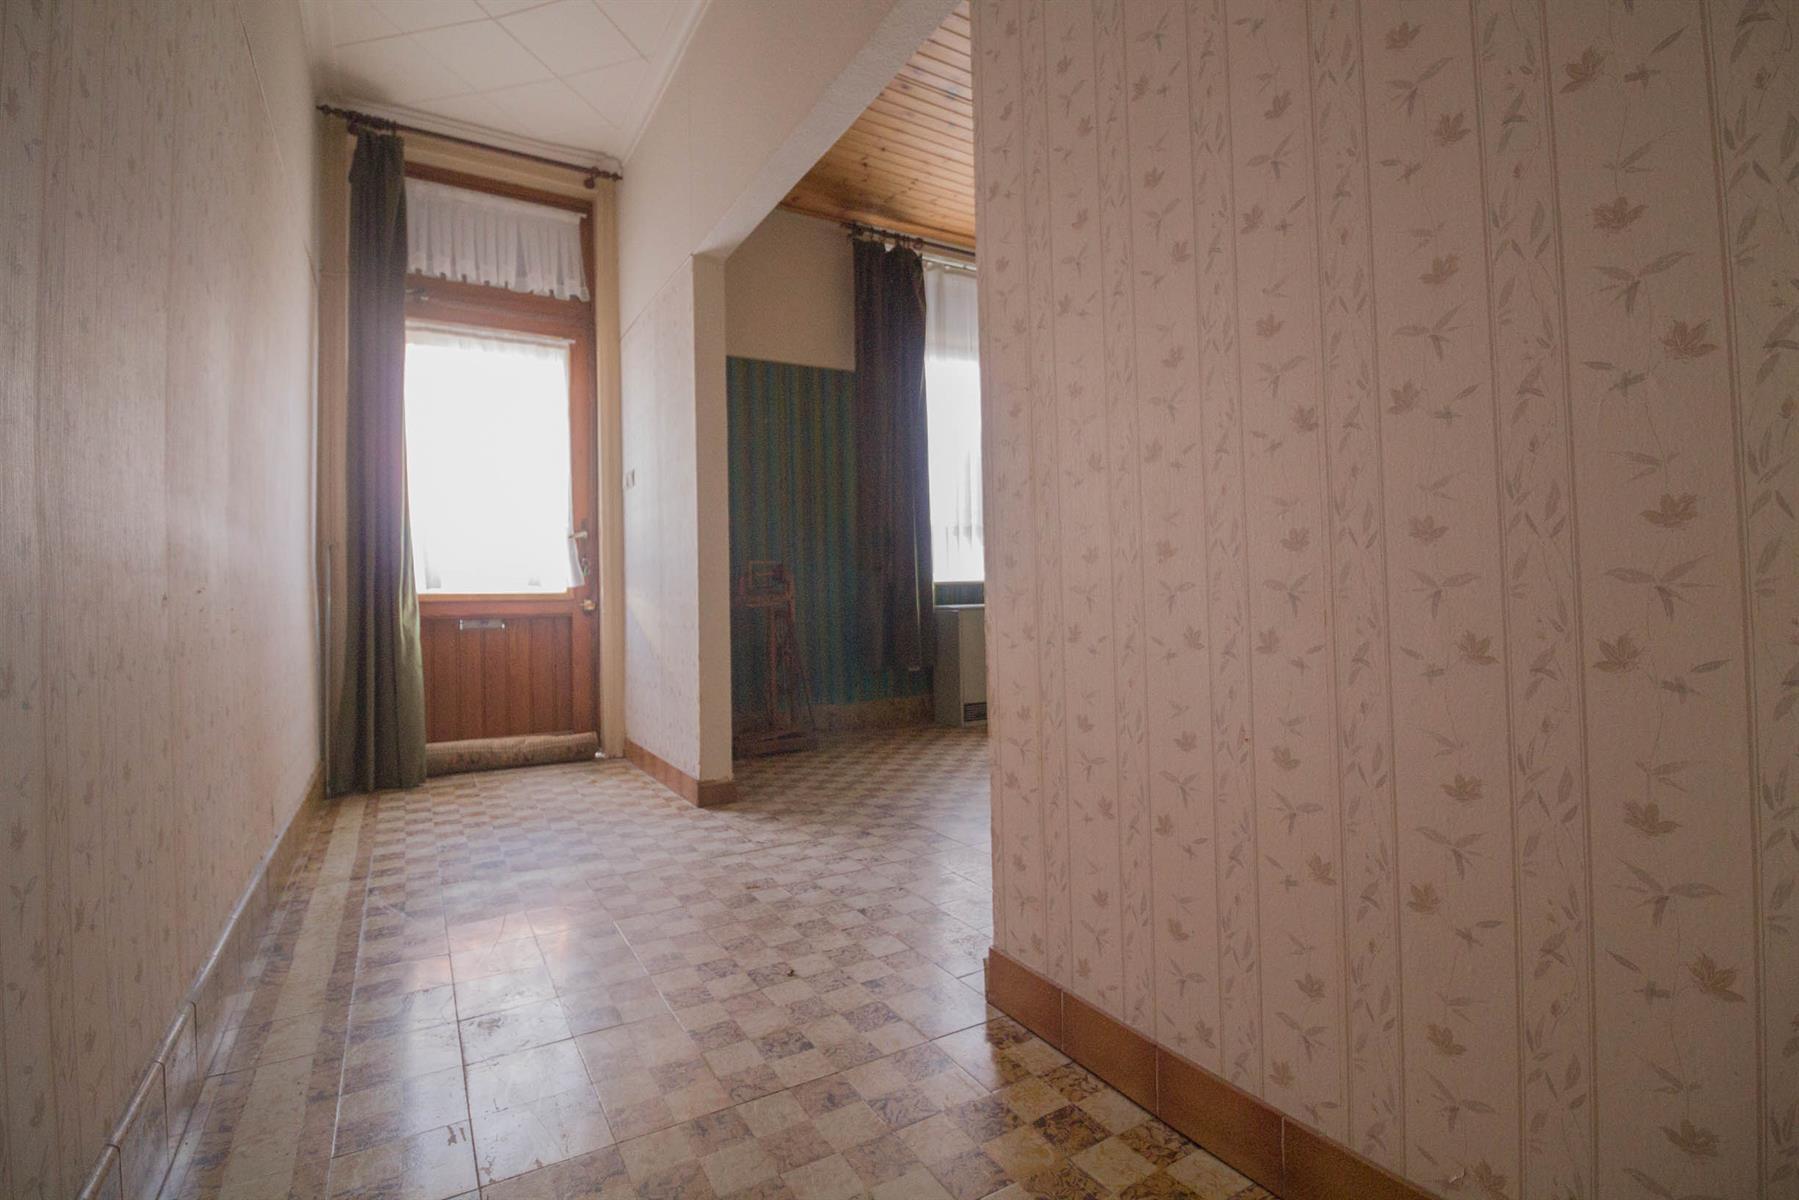 Maison - Trazegnies - #4235937-1